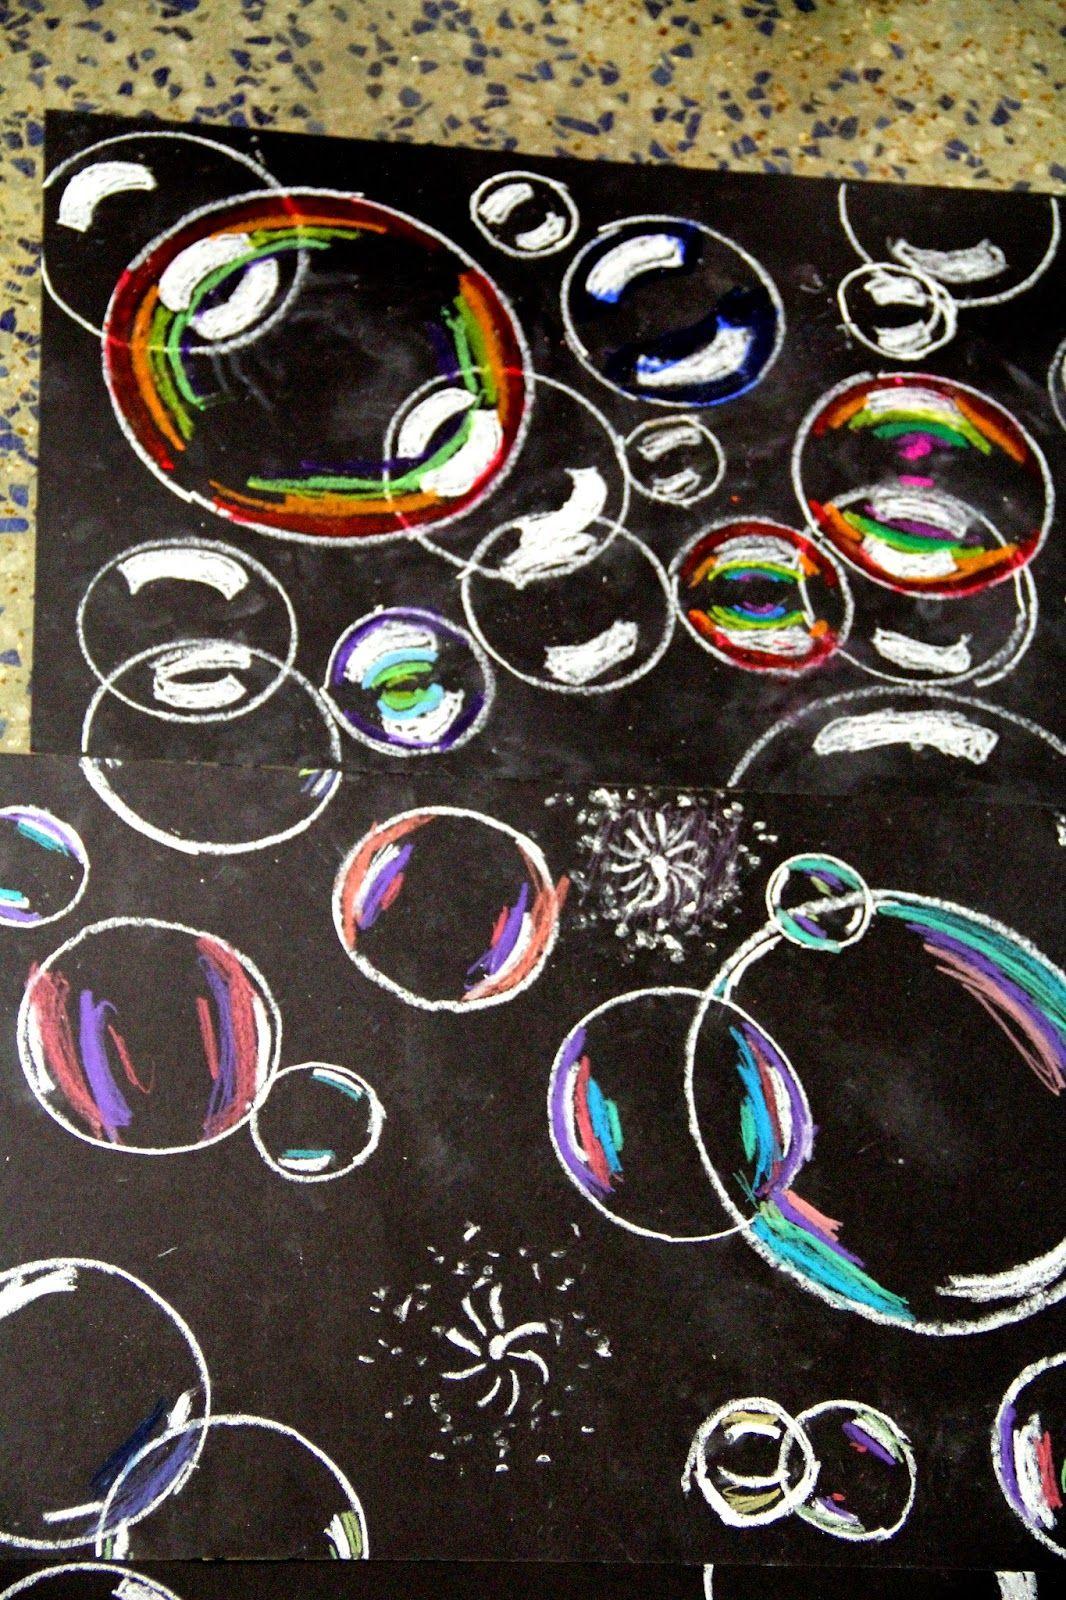 Seifenblasen zeichnen zuk nftige projekte - Vorlagen malerei ...